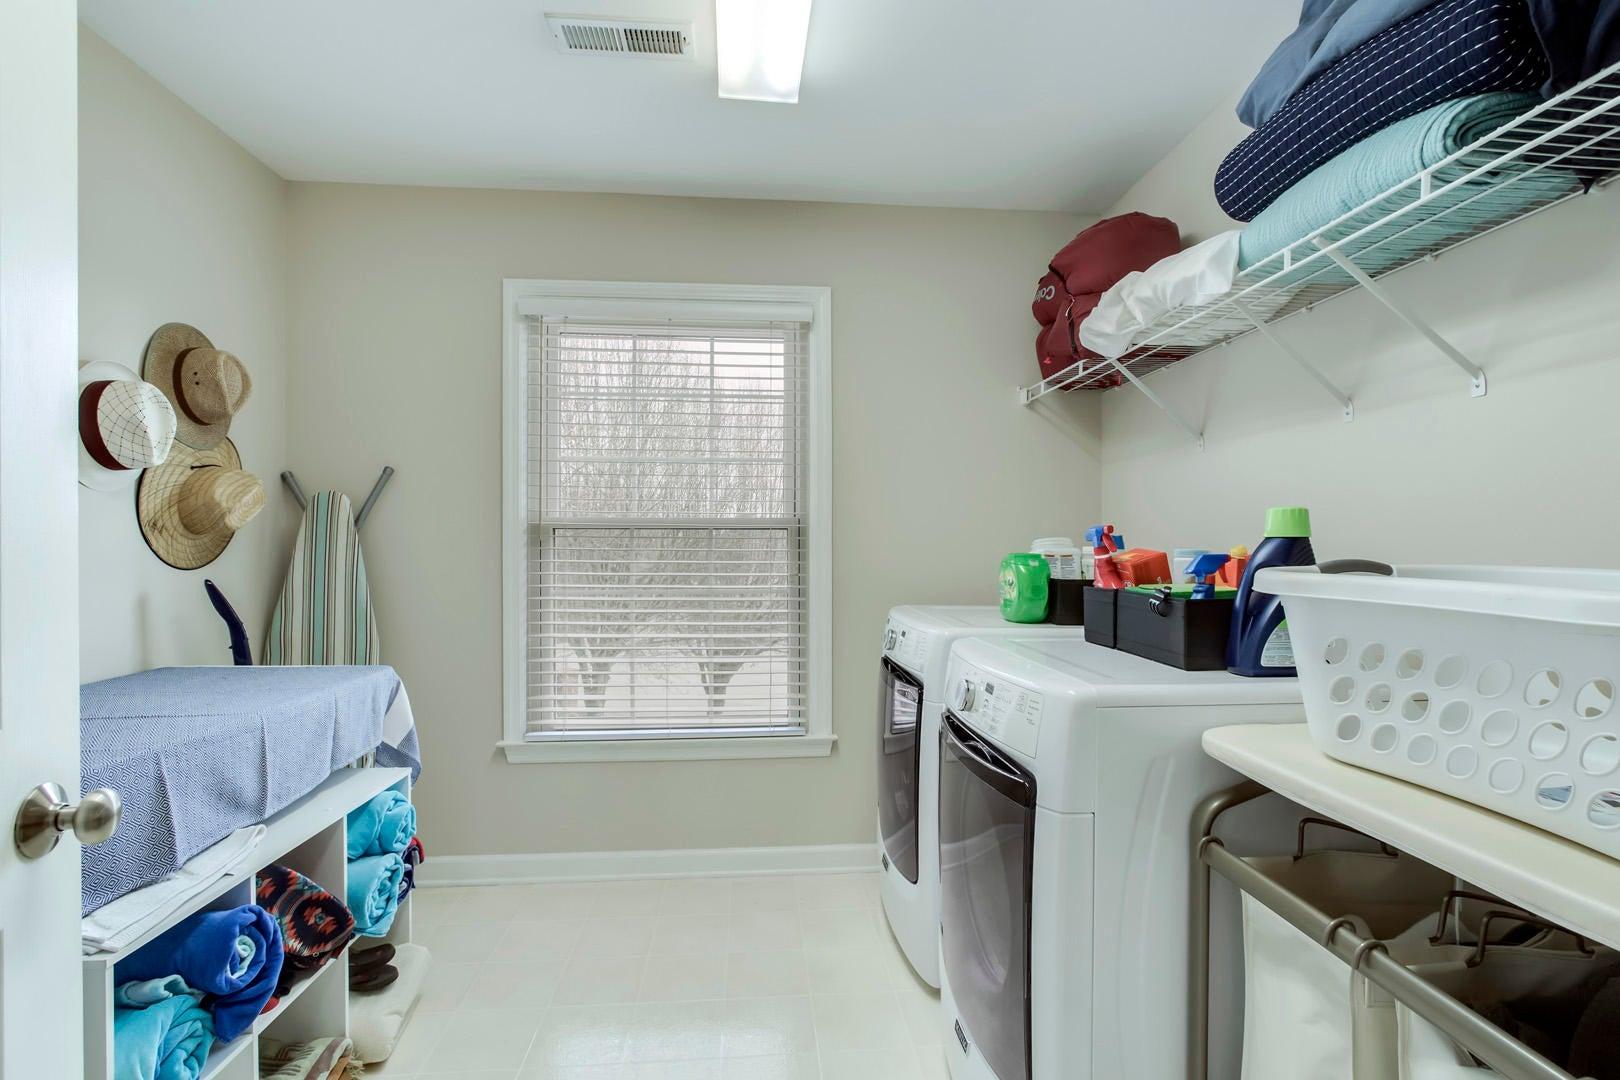 33_CrystalBrookLane_11758_Laundry